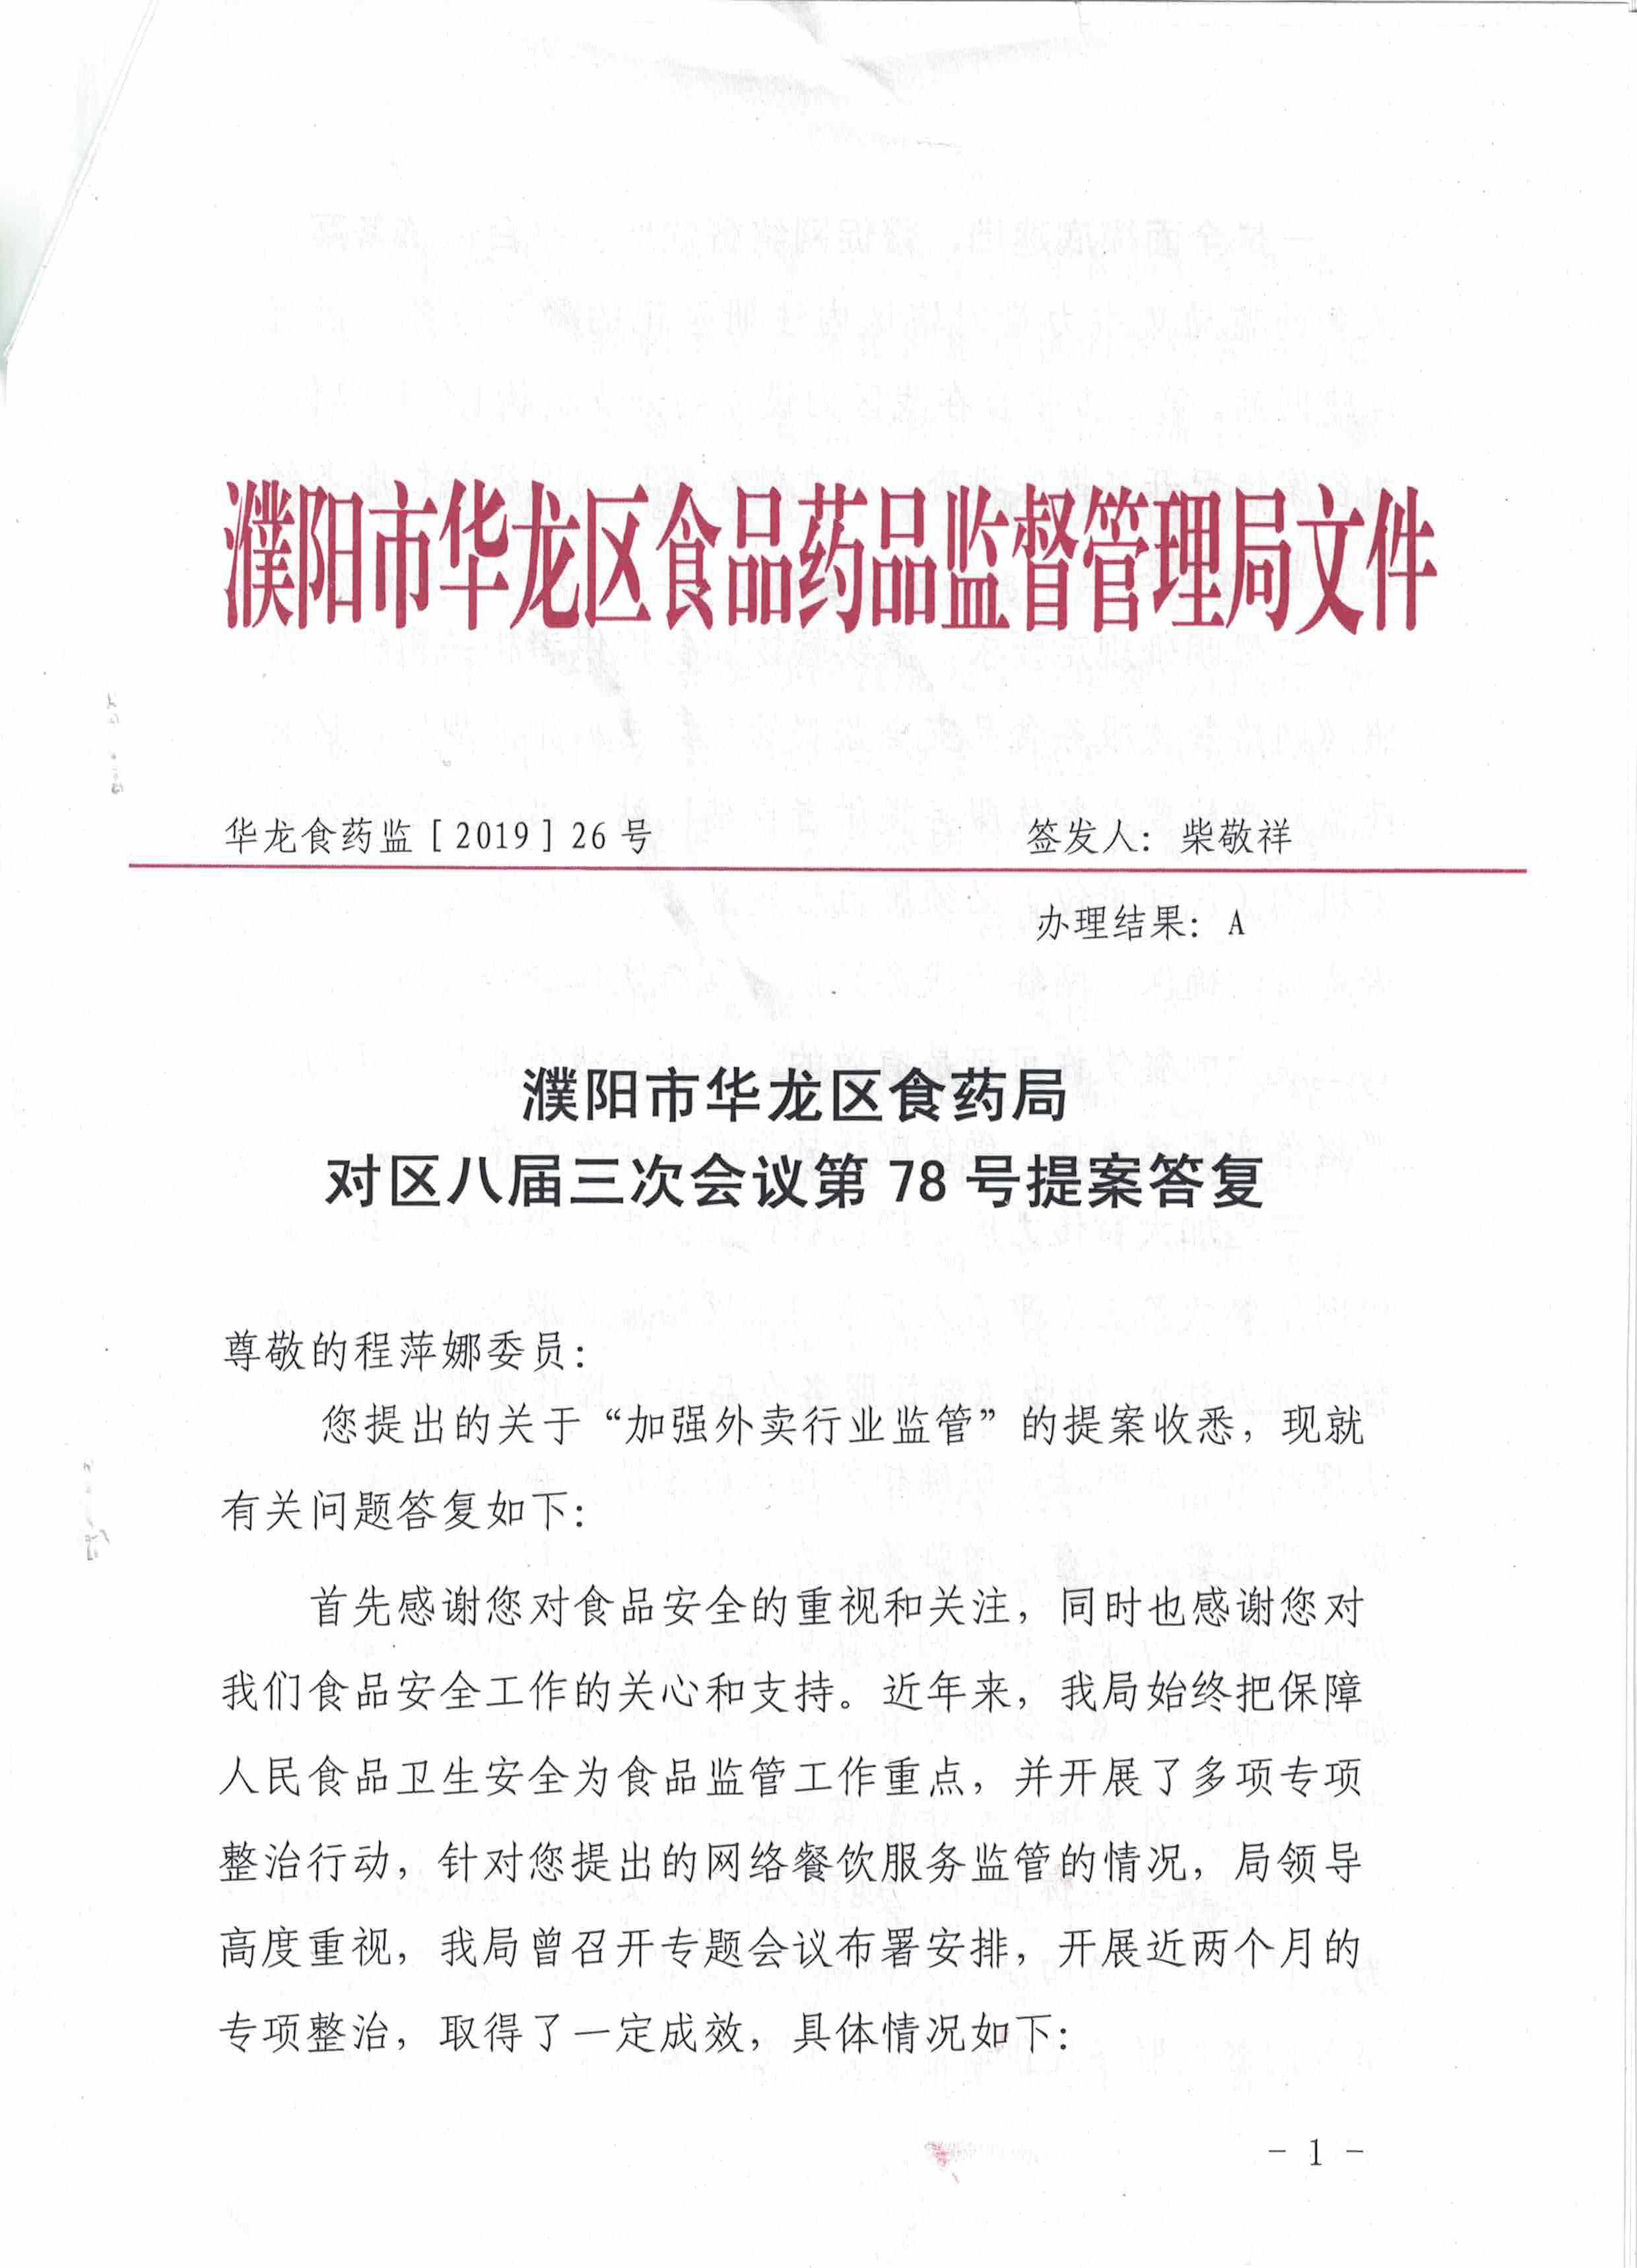 濮阳市亚洲城手机版食药局对区八届三次会议第78次提案的答复